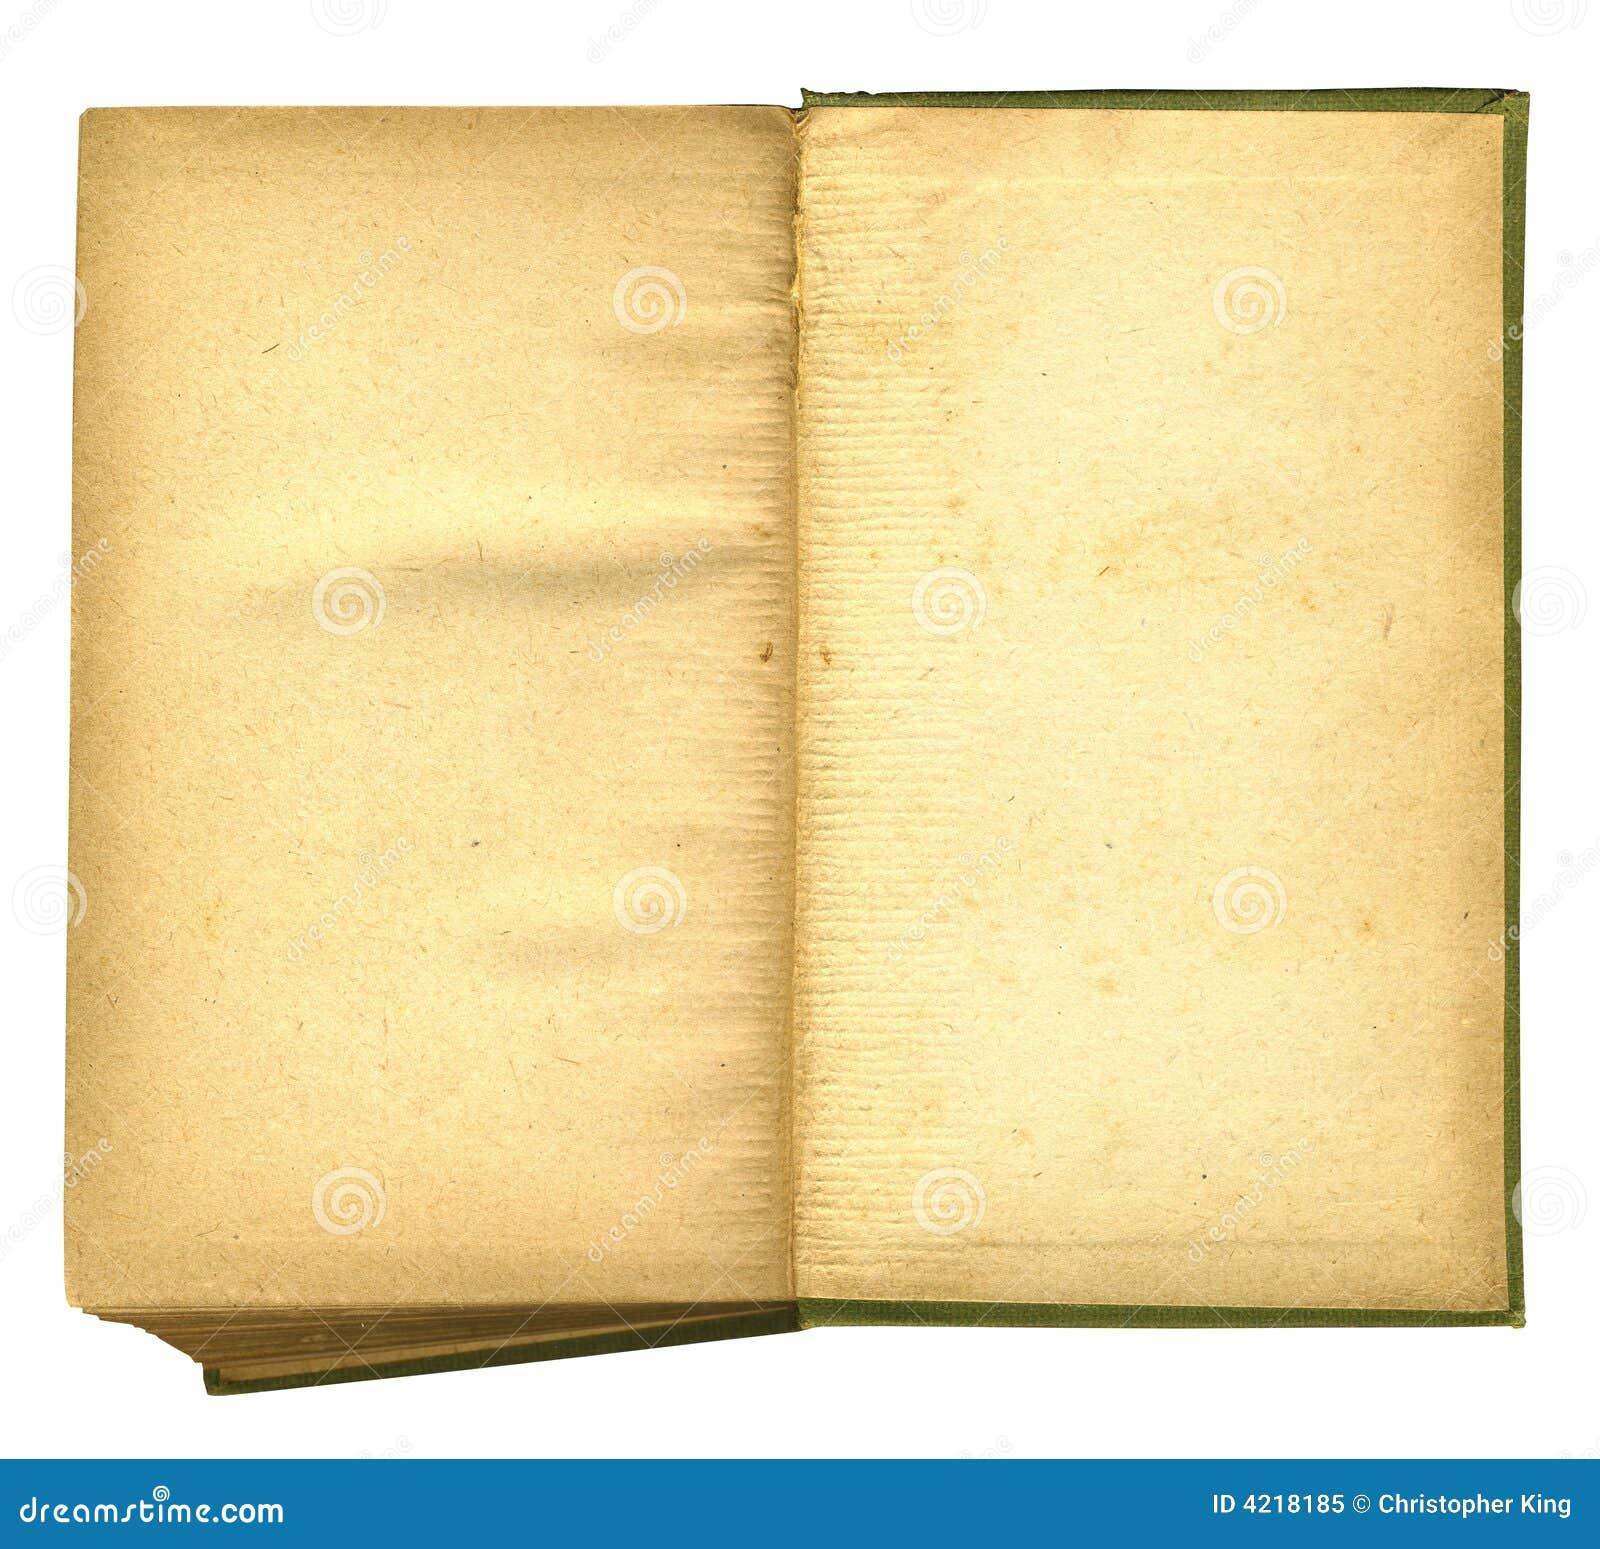 Book pages wallpaper old book pages wallpaper - Vieux Livre Ouvert Comportant La Texture De Papier